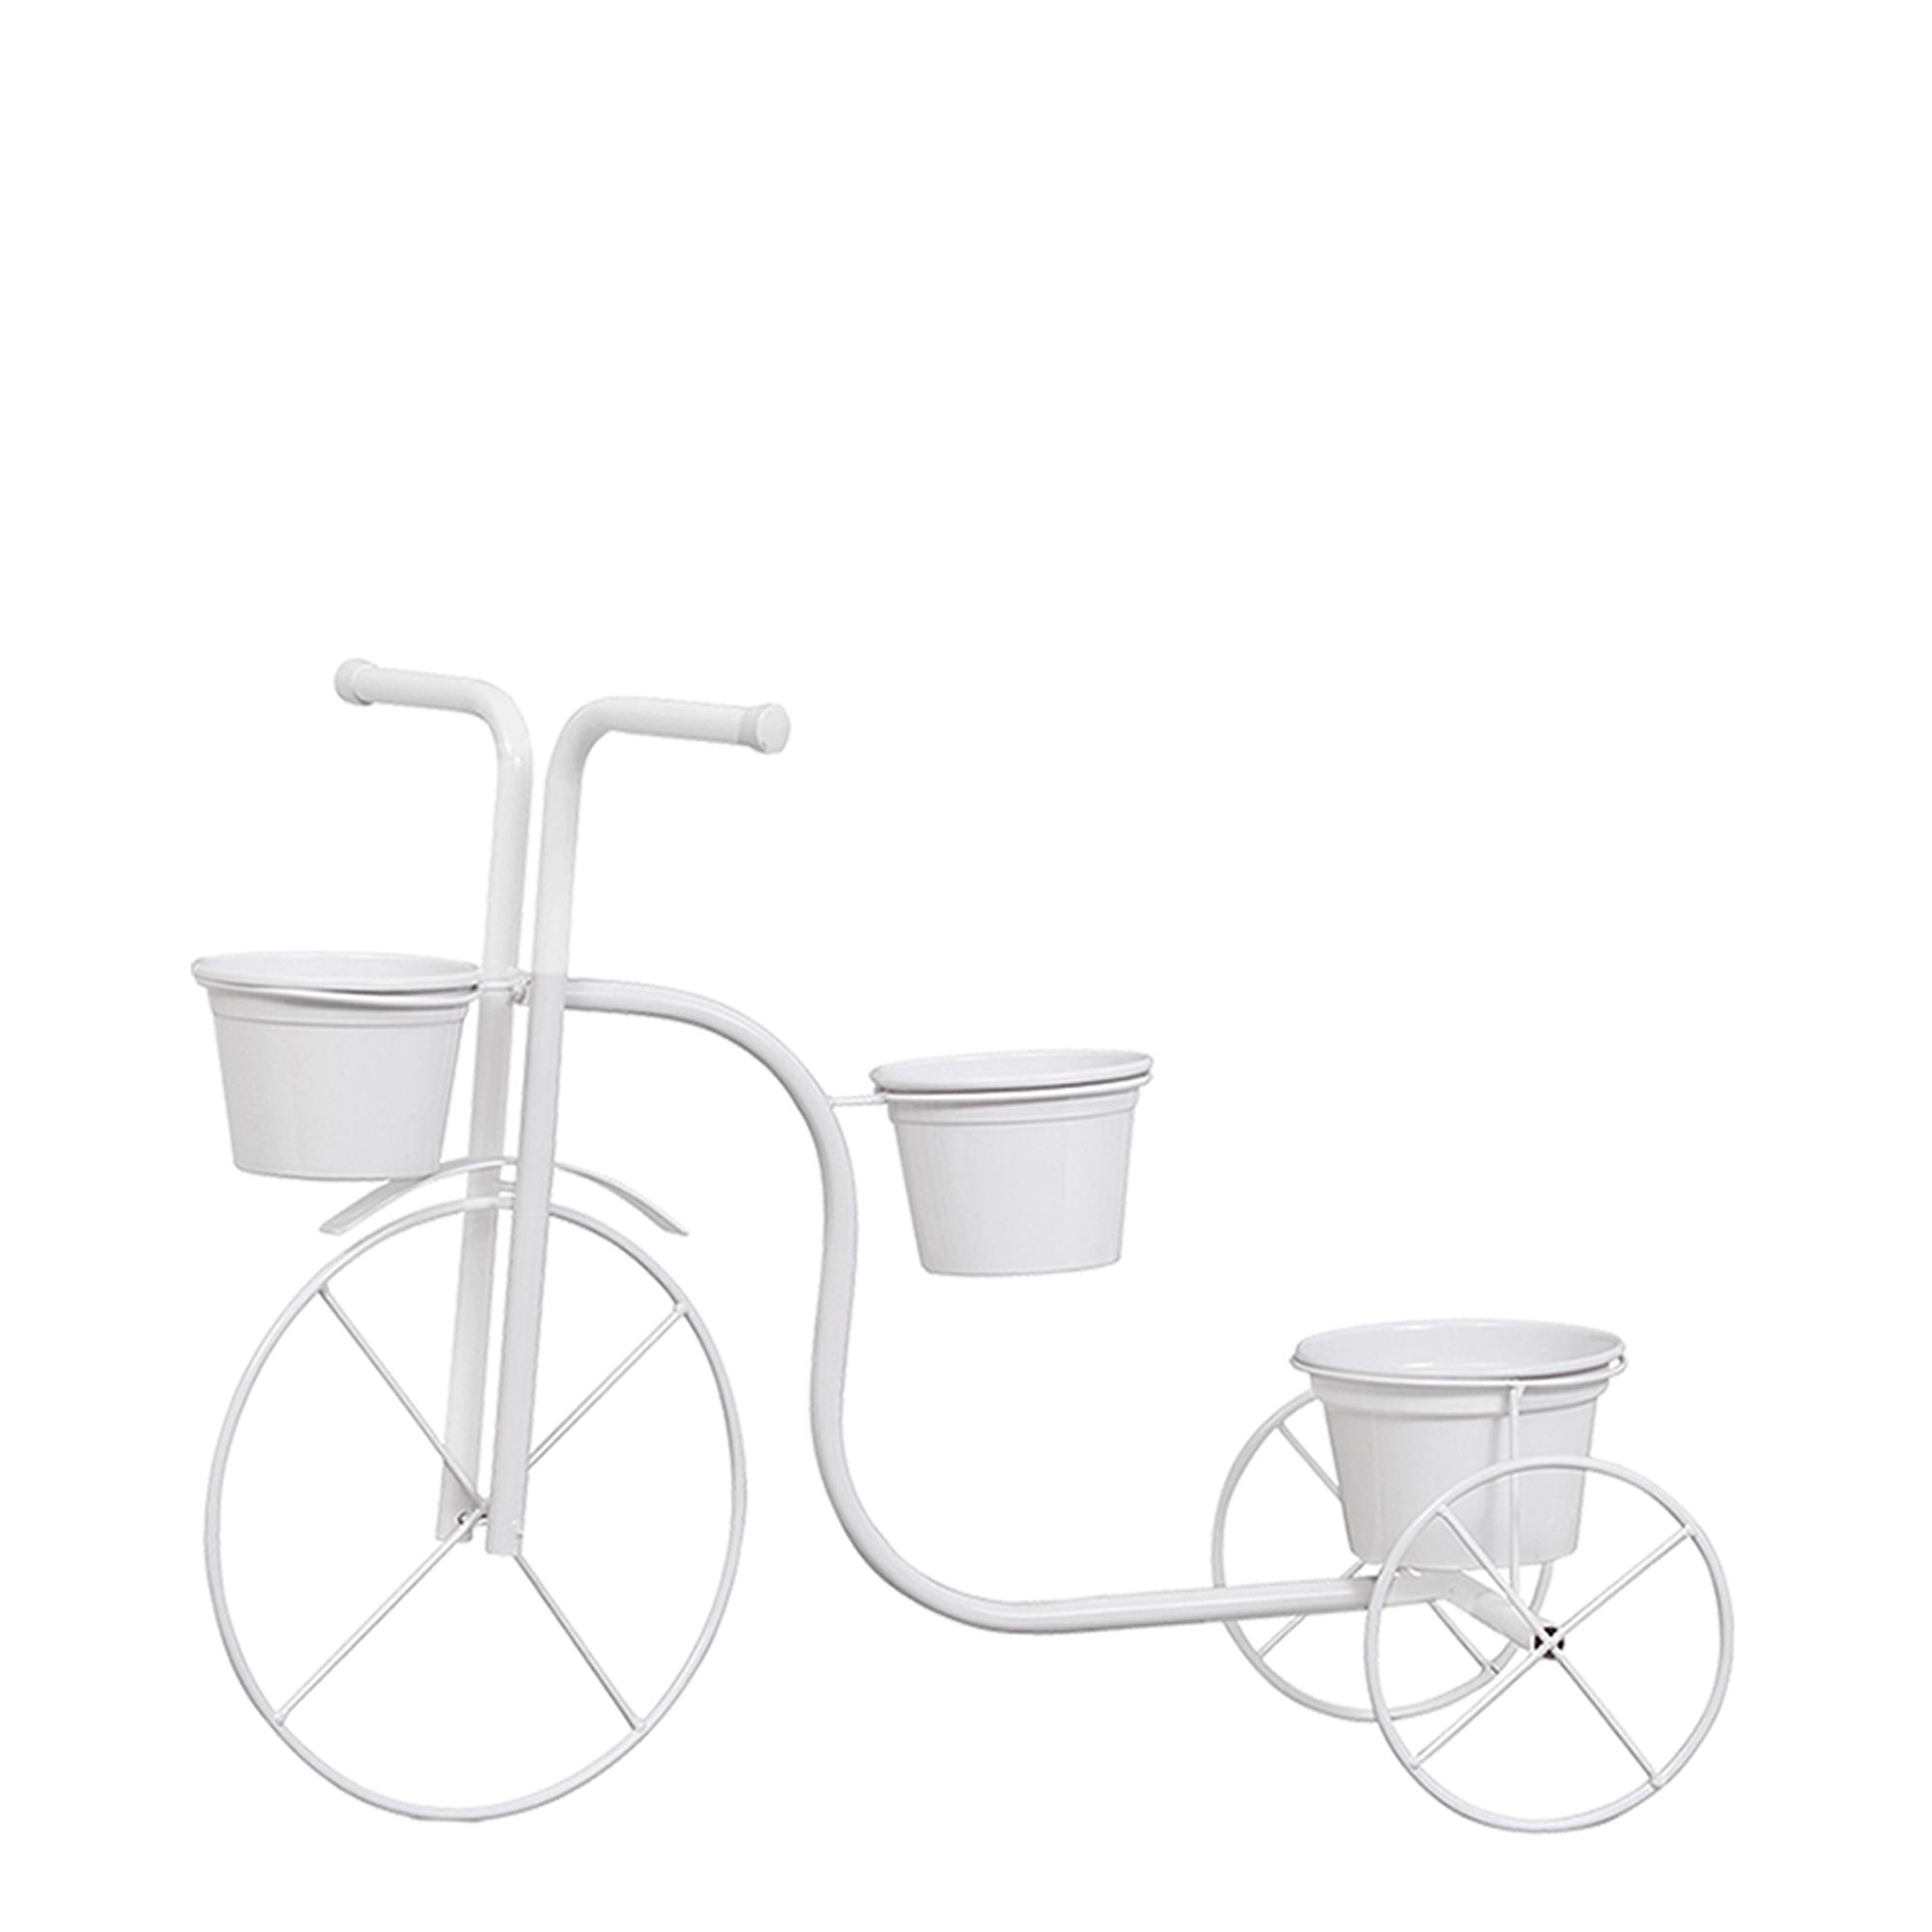 Bicicleta Chão c/ 3 Vasos Aluminio